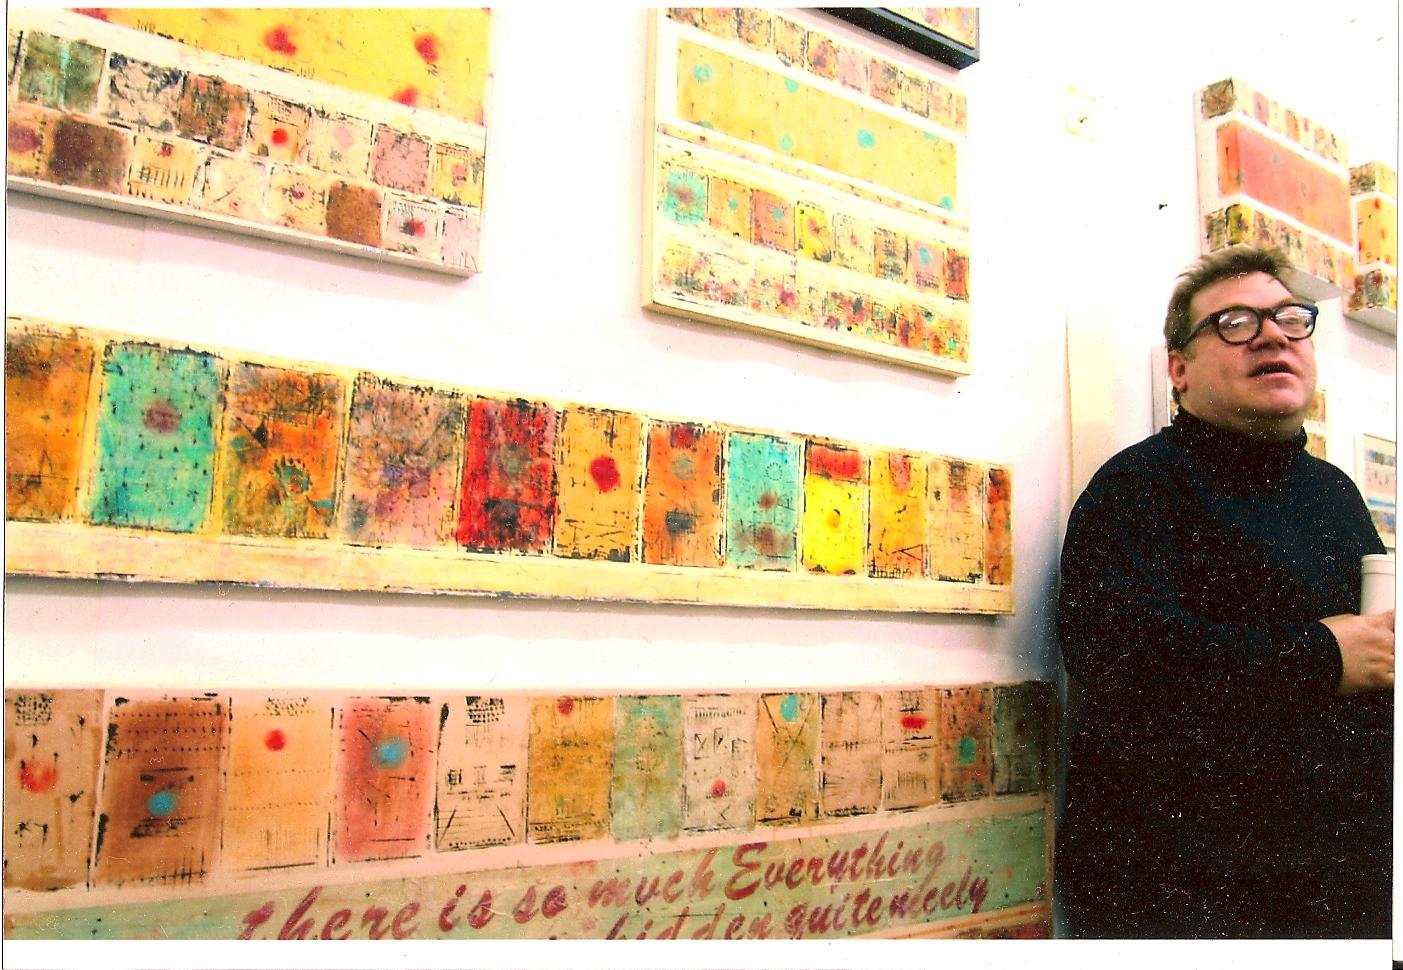 Artist (painter & sculptor) Michael Usyk